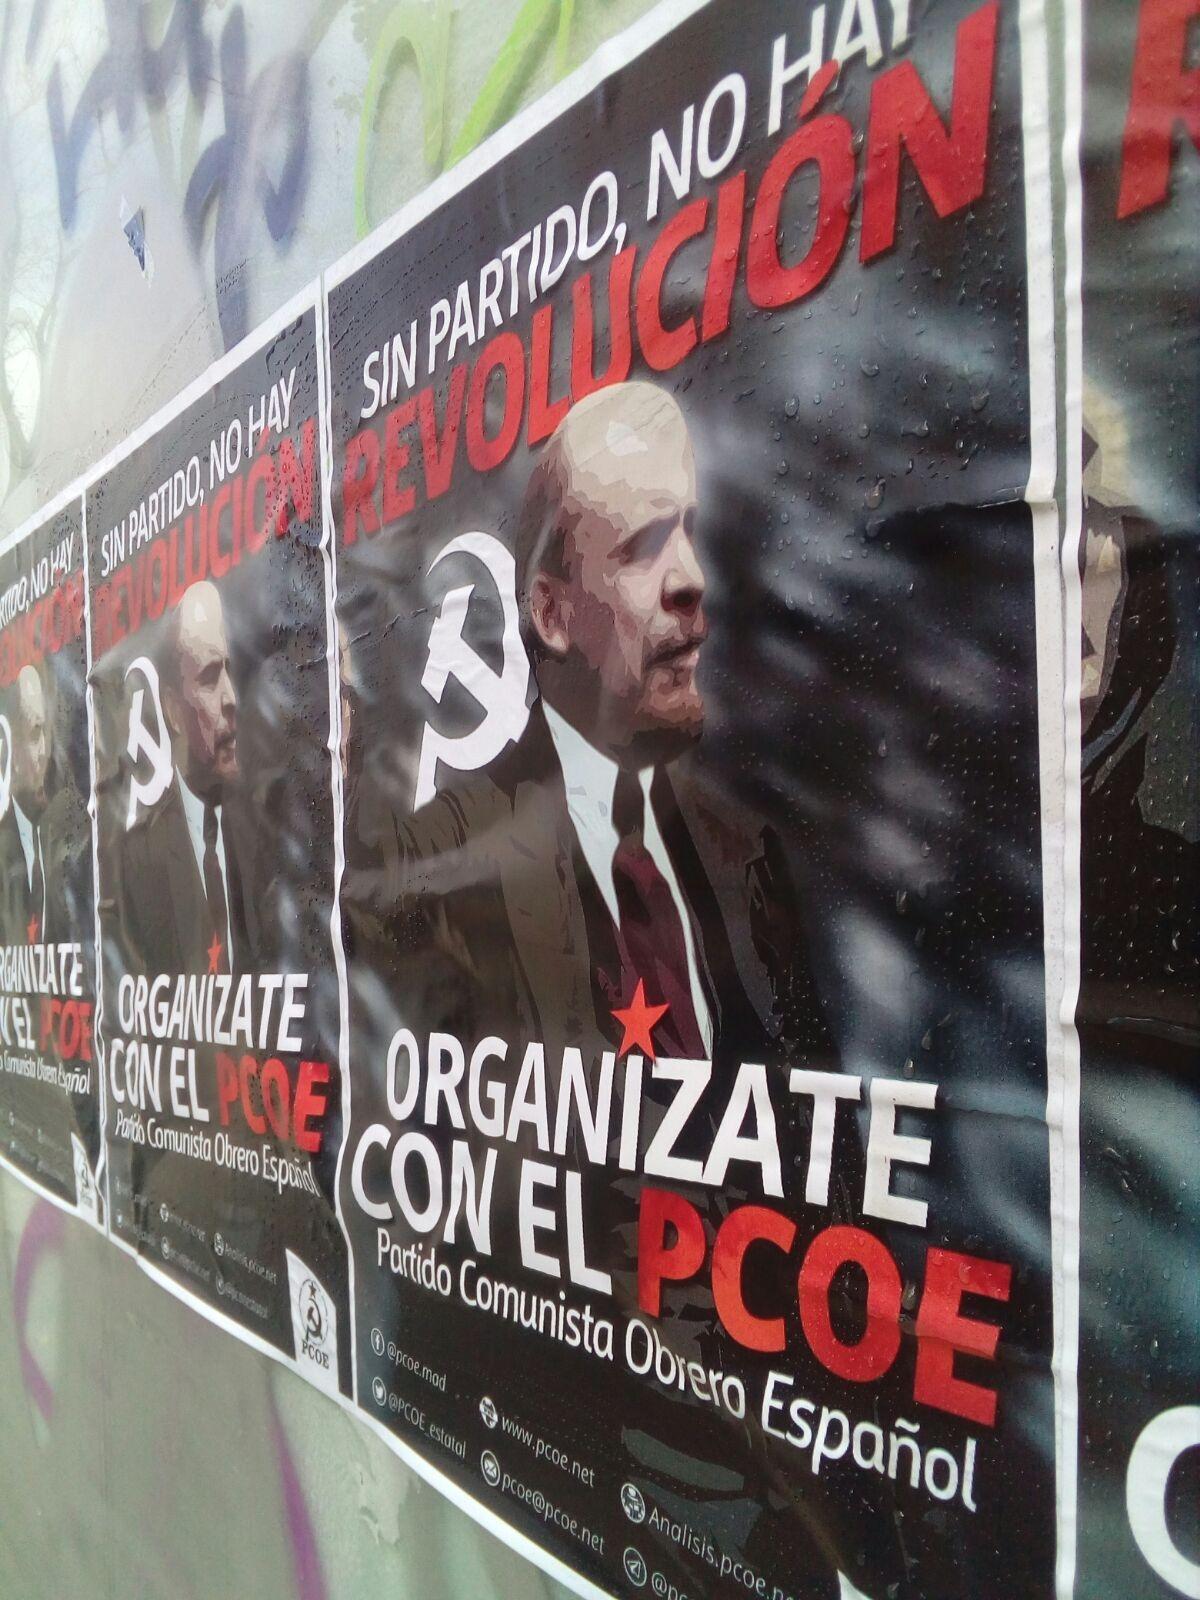 El Partido Comunista Obrero Español en Madrid quiere explicar a la clase obrera de la capital y del resto del Estado los tristes acontecimientos de ayer en el barrio de…